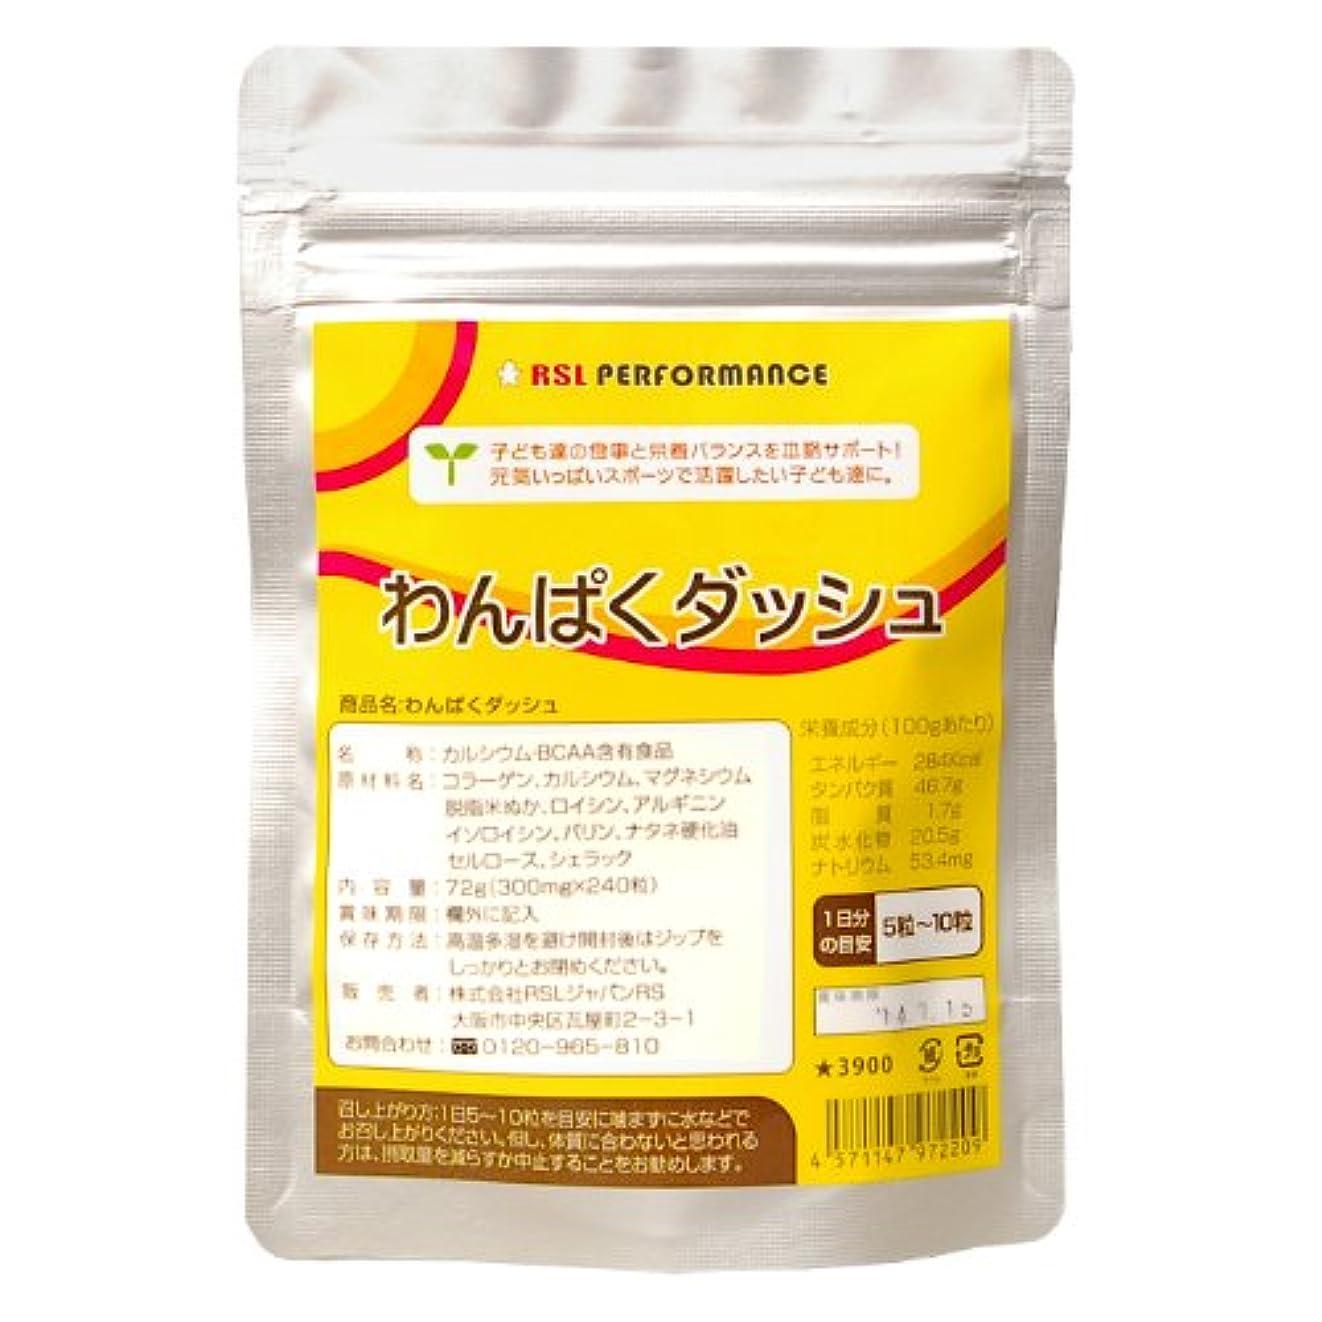 はさみ呪いネックレットジュニアアスリート専用!必須アミノ酸(BCAA)?カルシウム?マグネシウムなど不可欠な栄養成分を最適バランス配合 わんぱくダッシュ